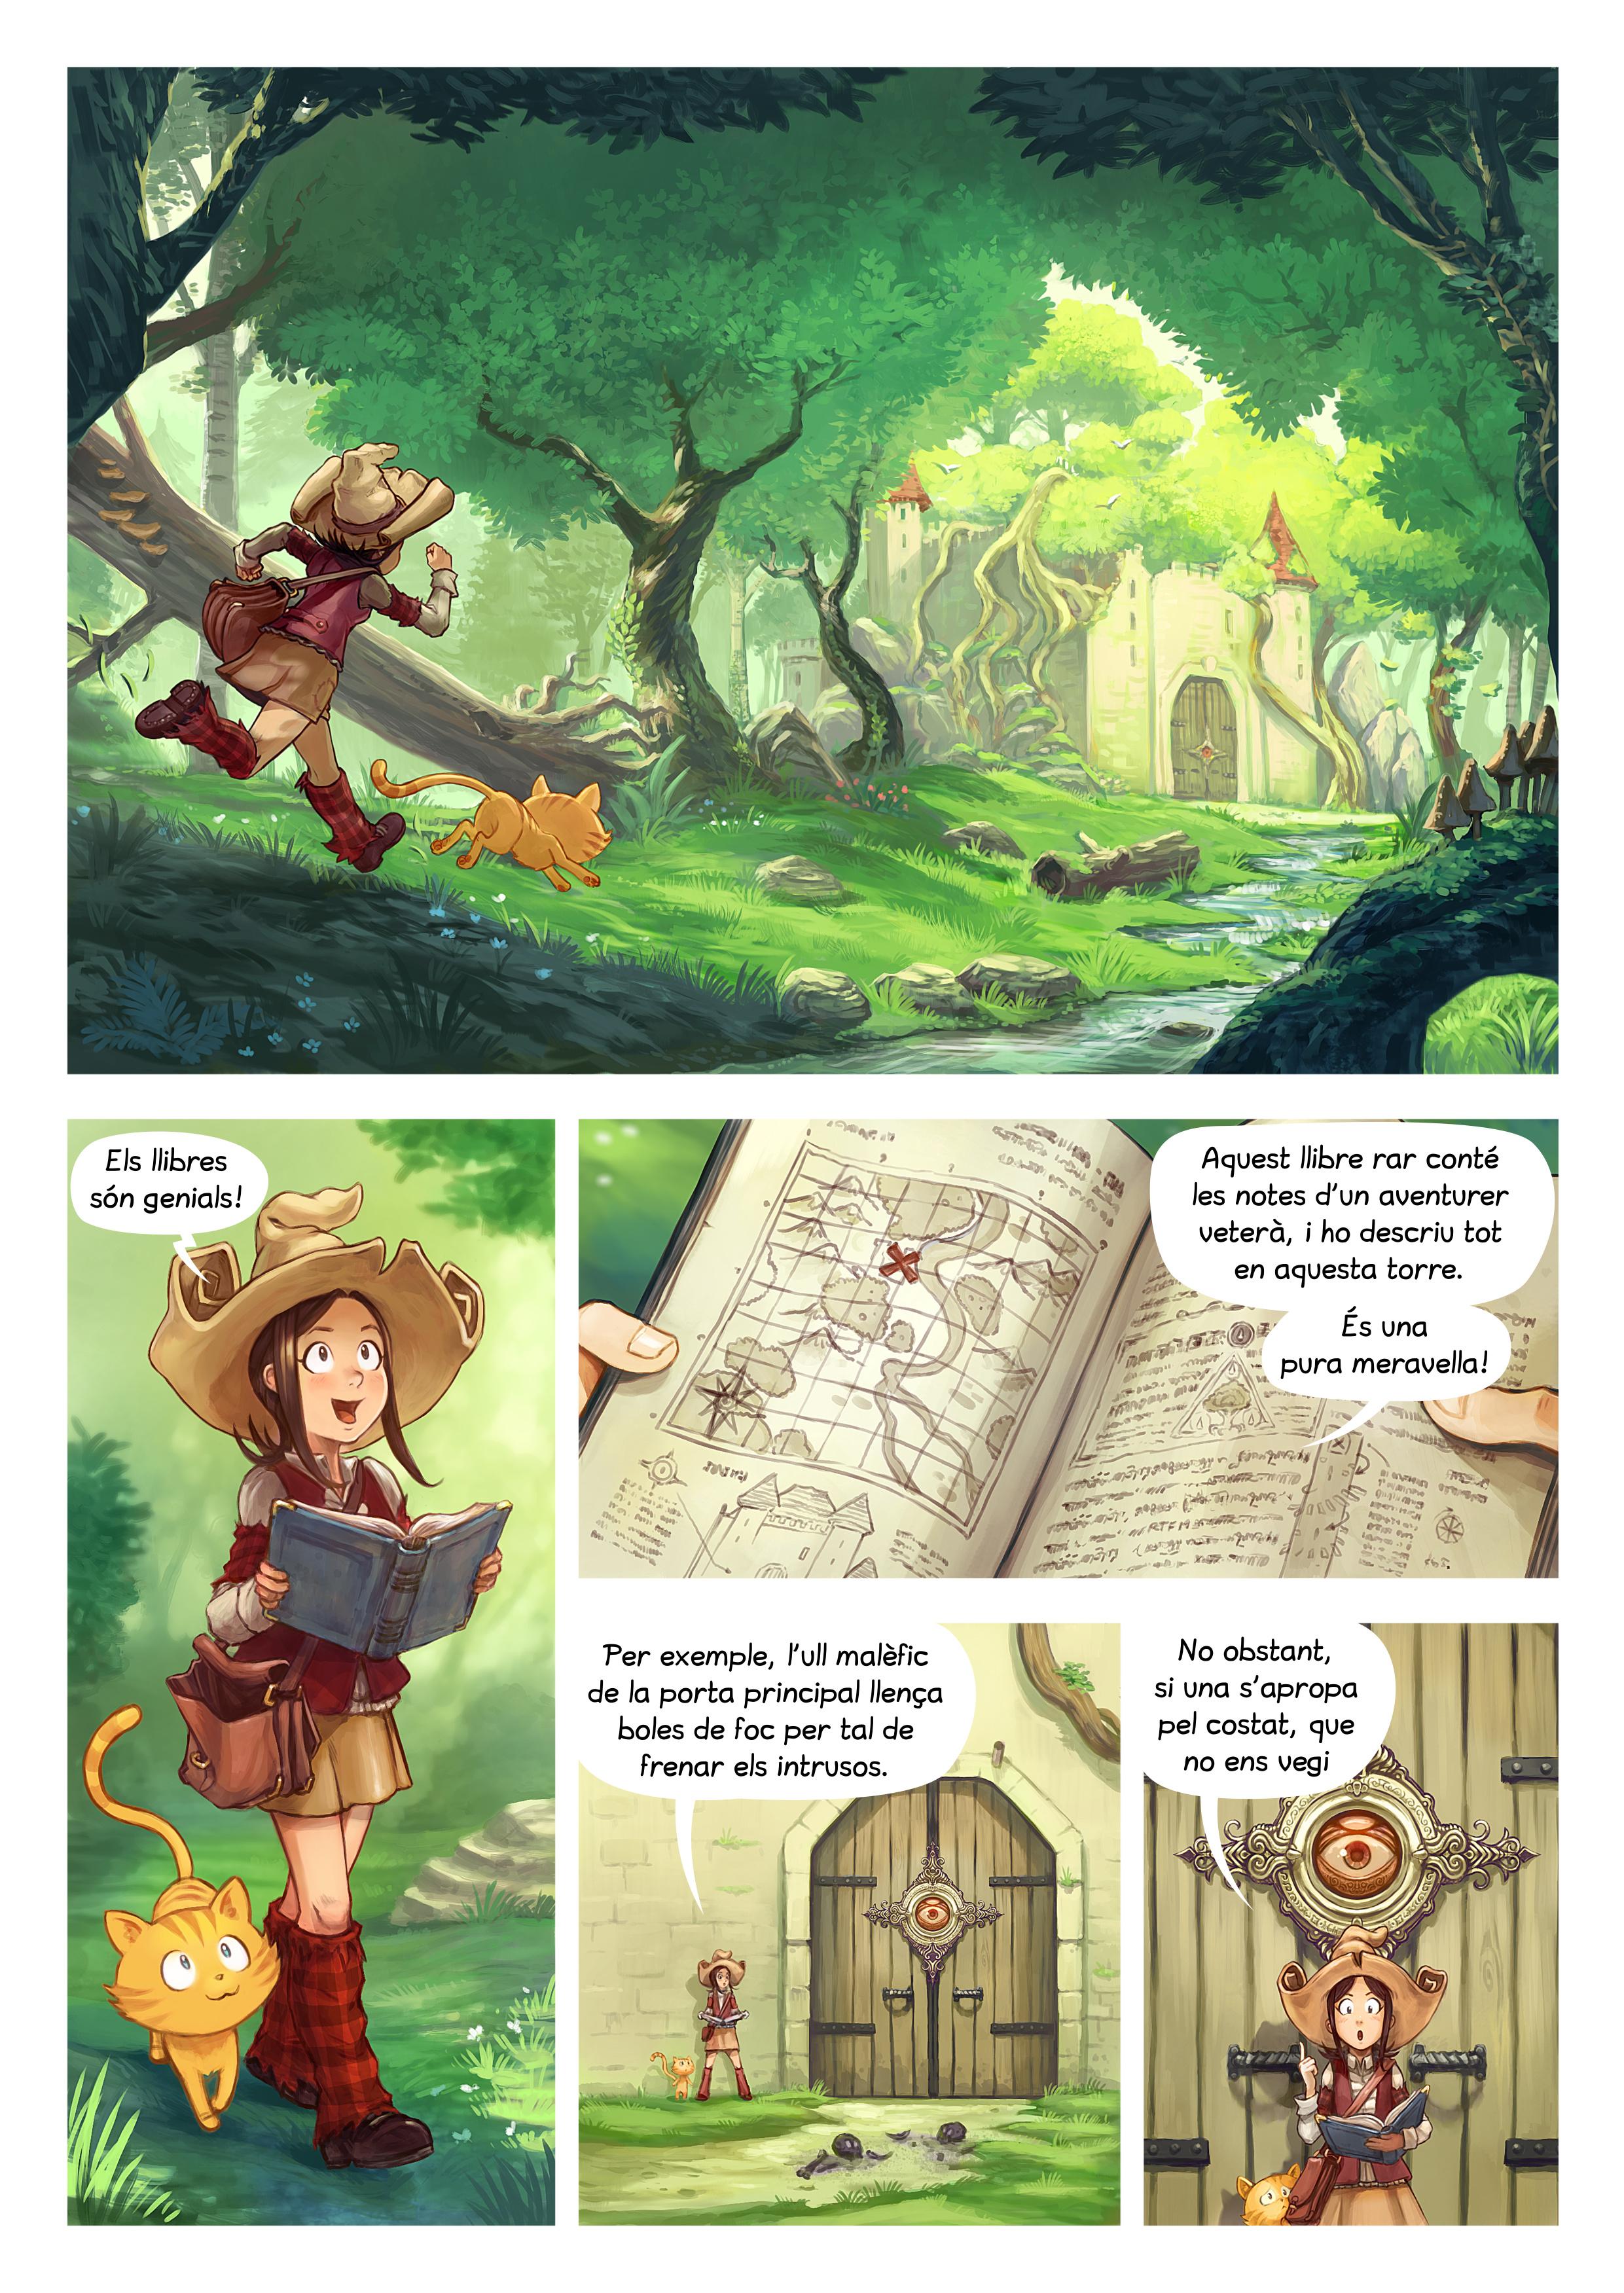 Episodi 26 : Els llibres són genials, Page 1